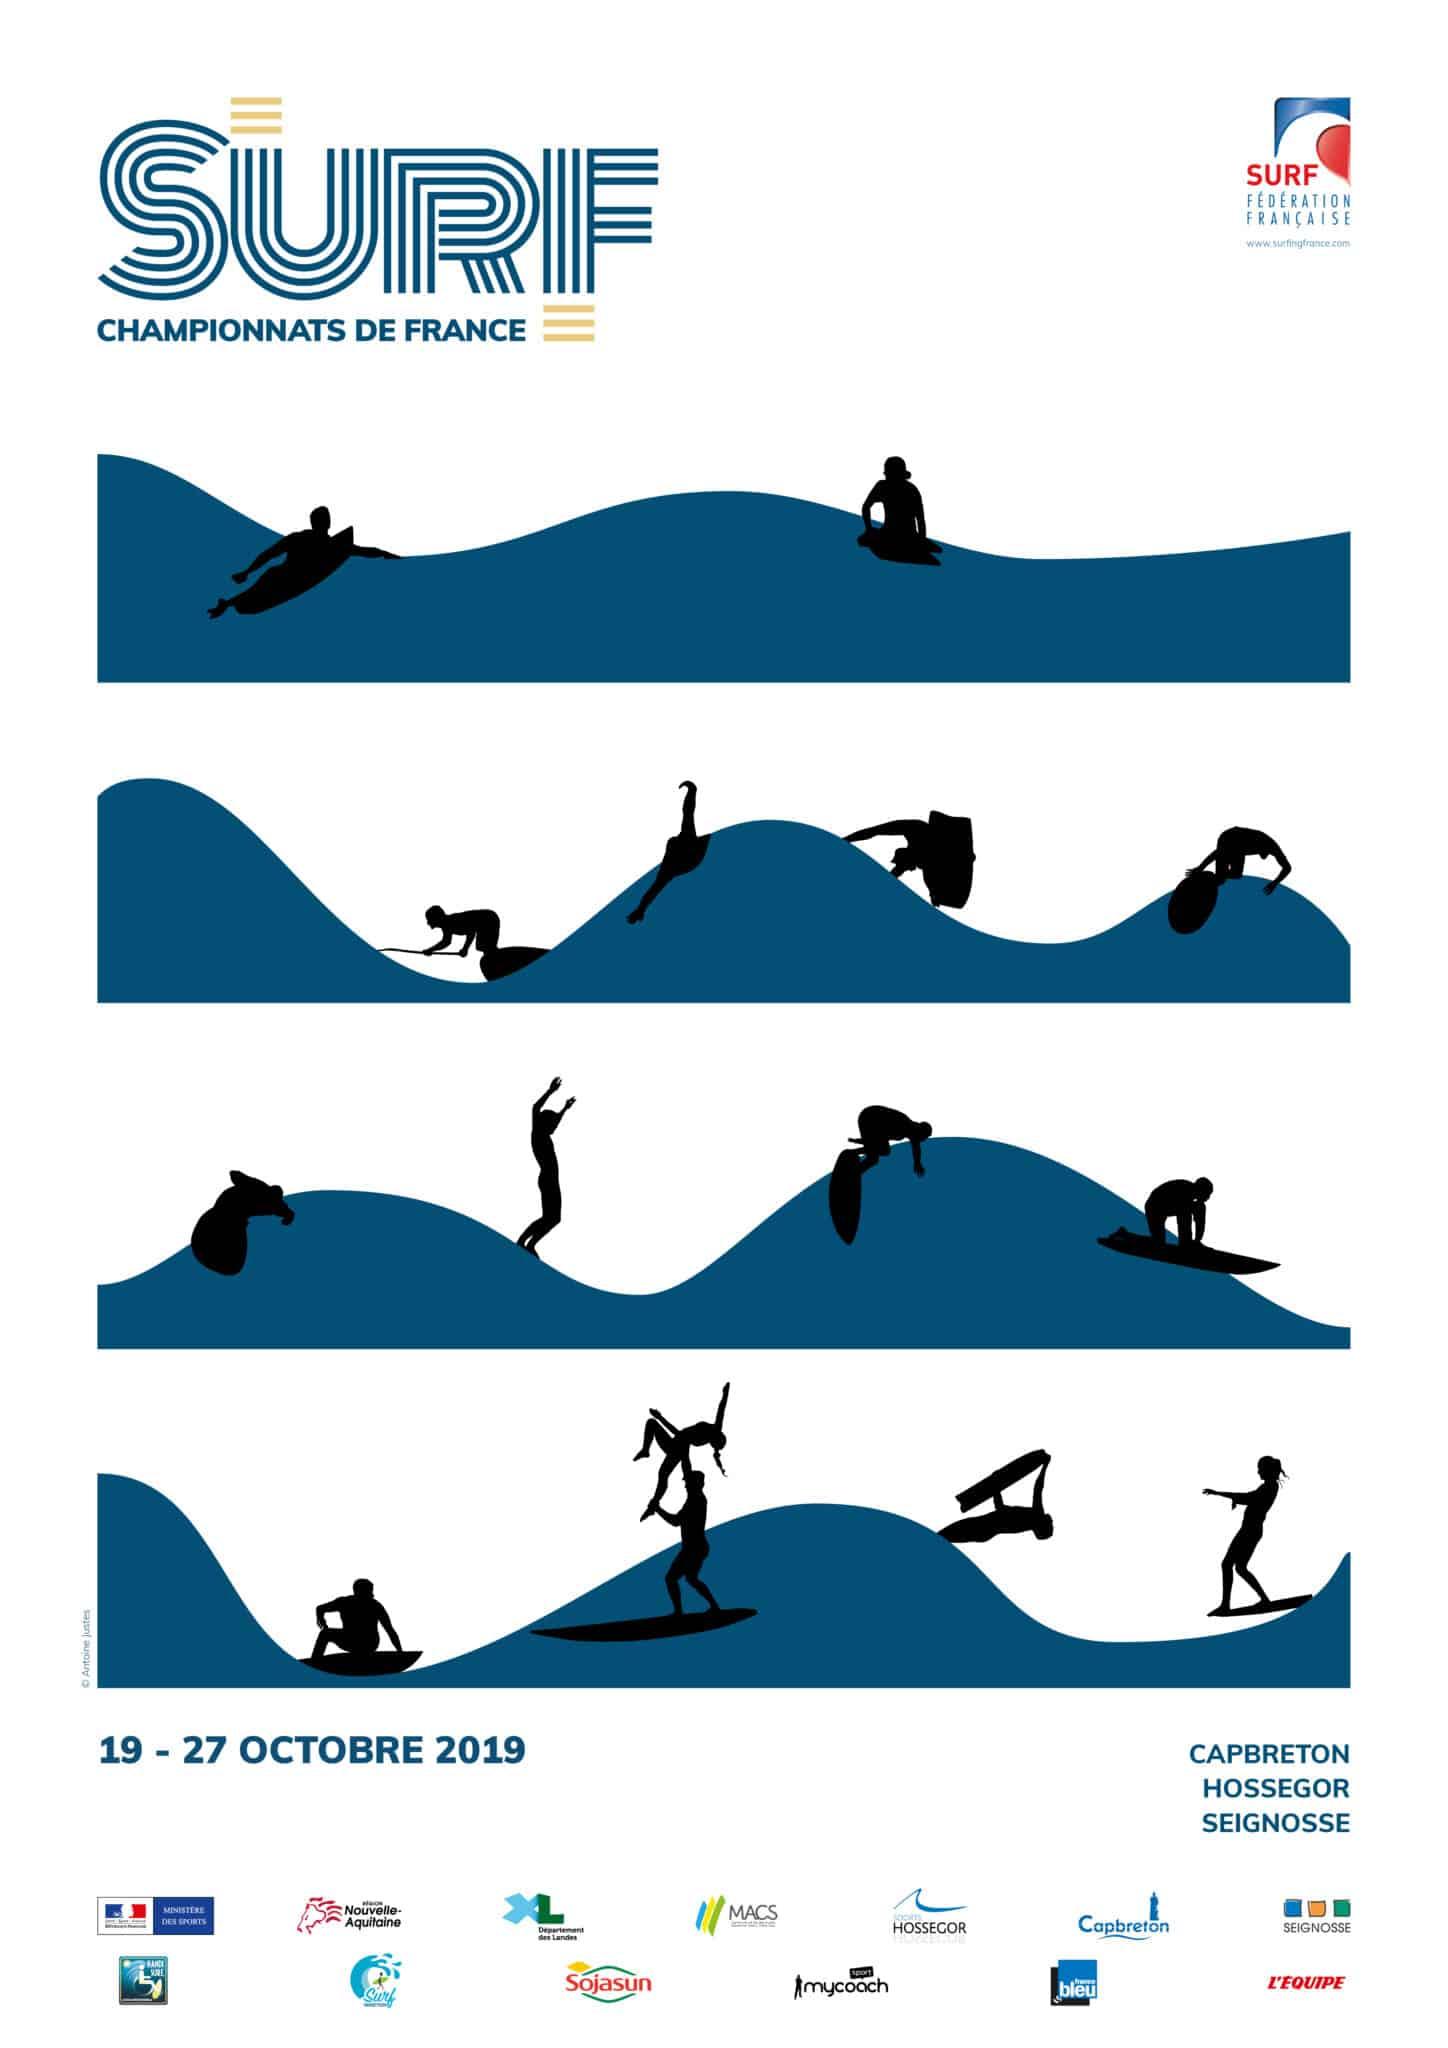 Affiche des Championnats de France de Surf 2019 réalisée pour la Fédération Française de Surf.